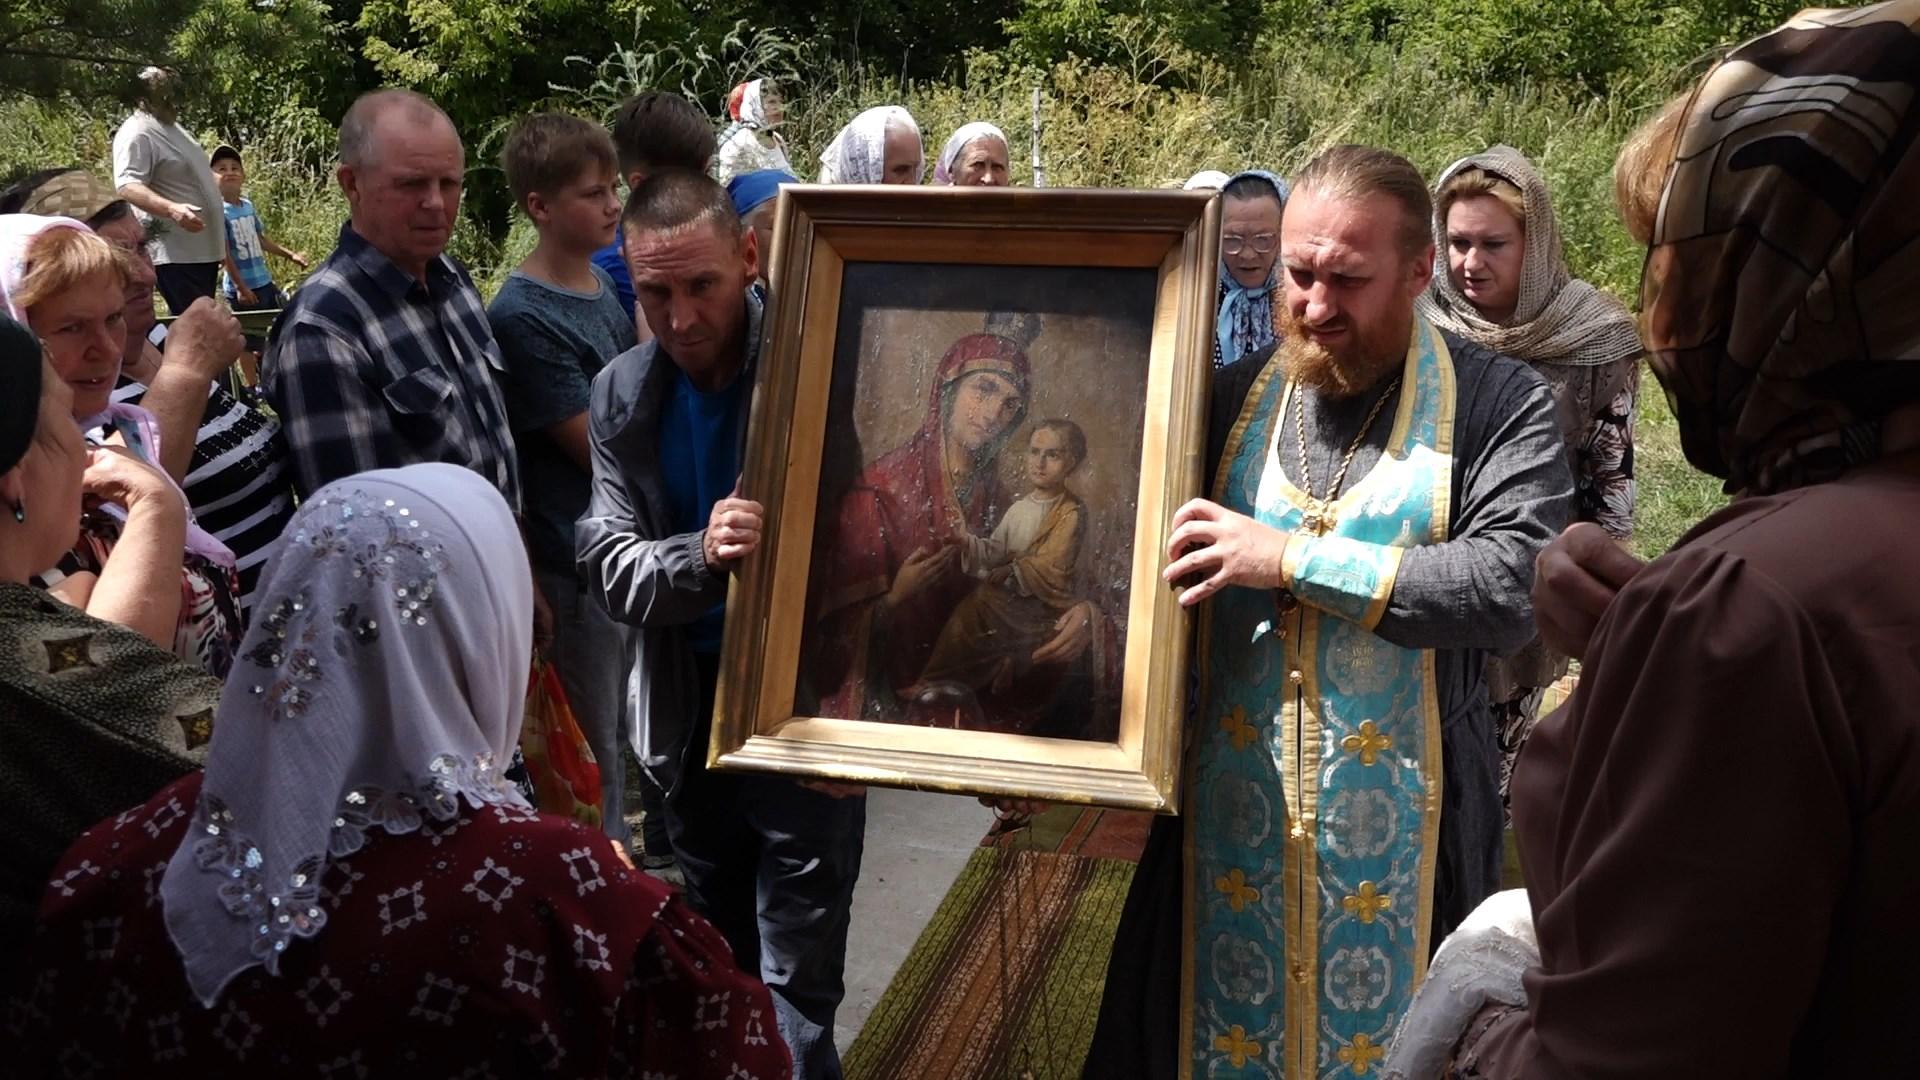 Ежегодно 9 июля в деревню Серебрянь Михайловского района привозят из с. Срелецкие Выселки Тихвинскую чудотворную икону Божьей Матери.